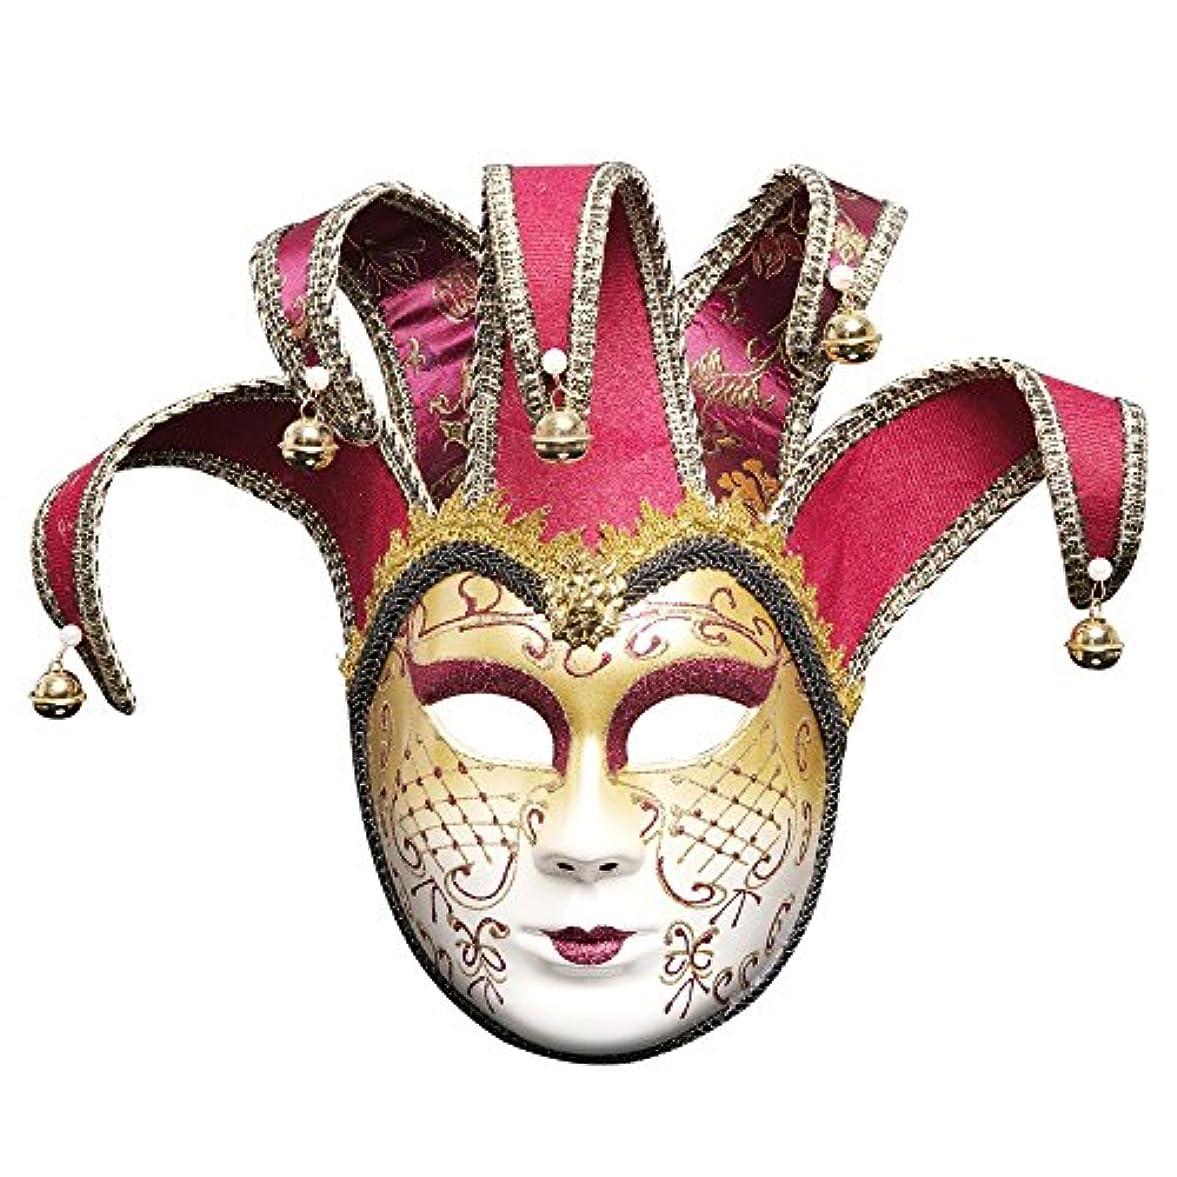 ドライブ振る感覚ハロウィンボールパーティーマスククリスマスクリエイティブ新しいフルフェイスメイクアップマスク (Color : C)